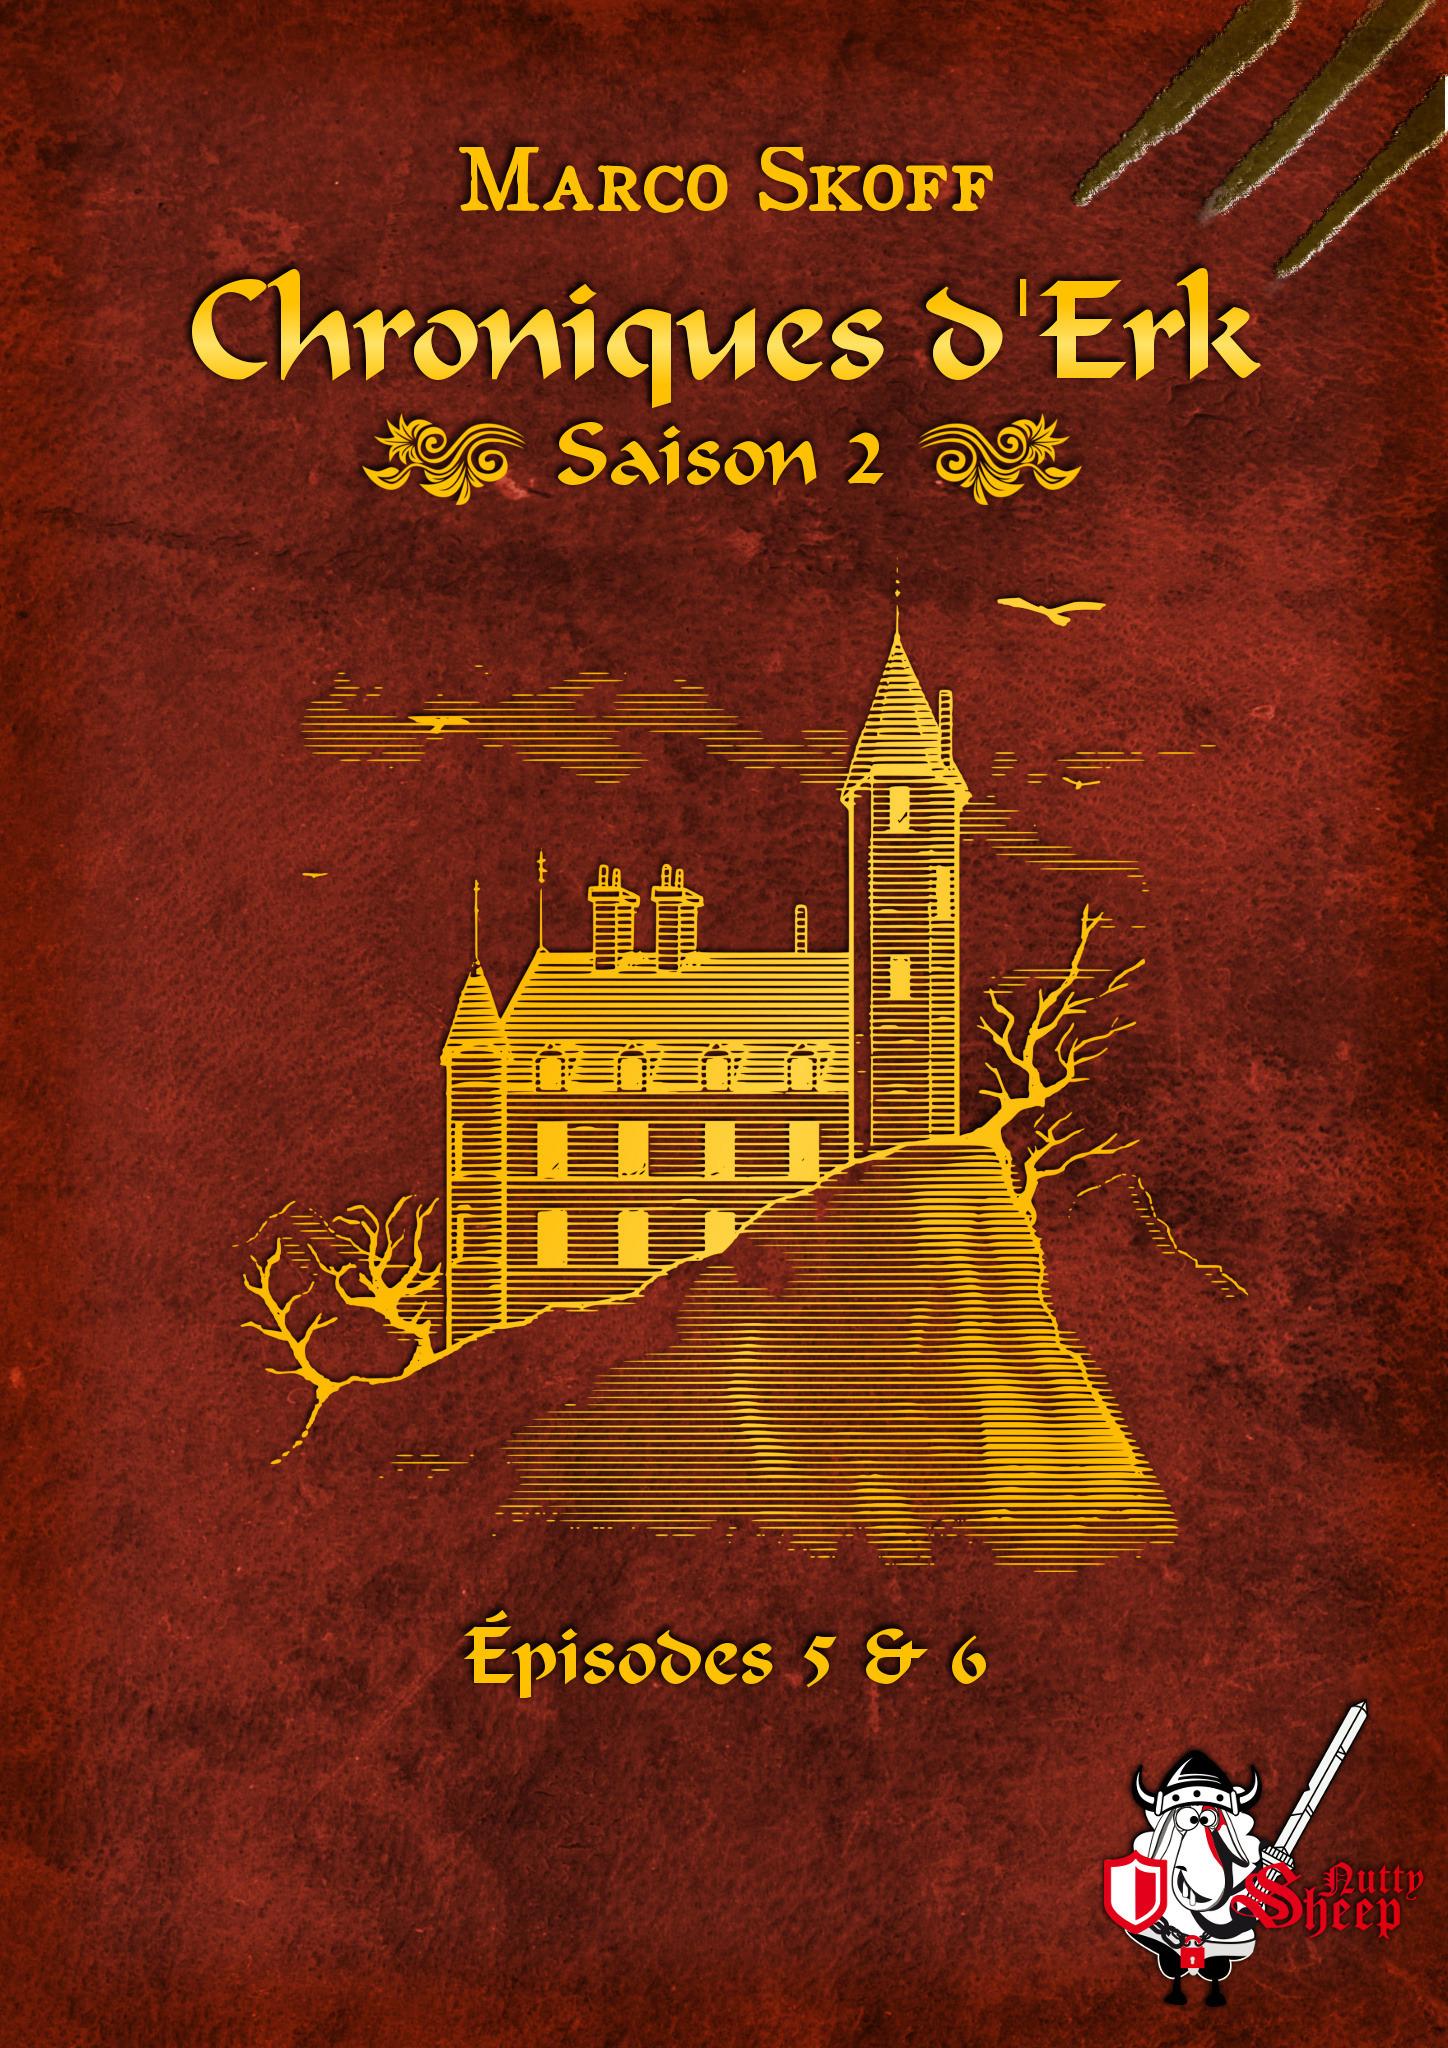 Chroniques d'Erk saison 2, épisodes 5 et 6